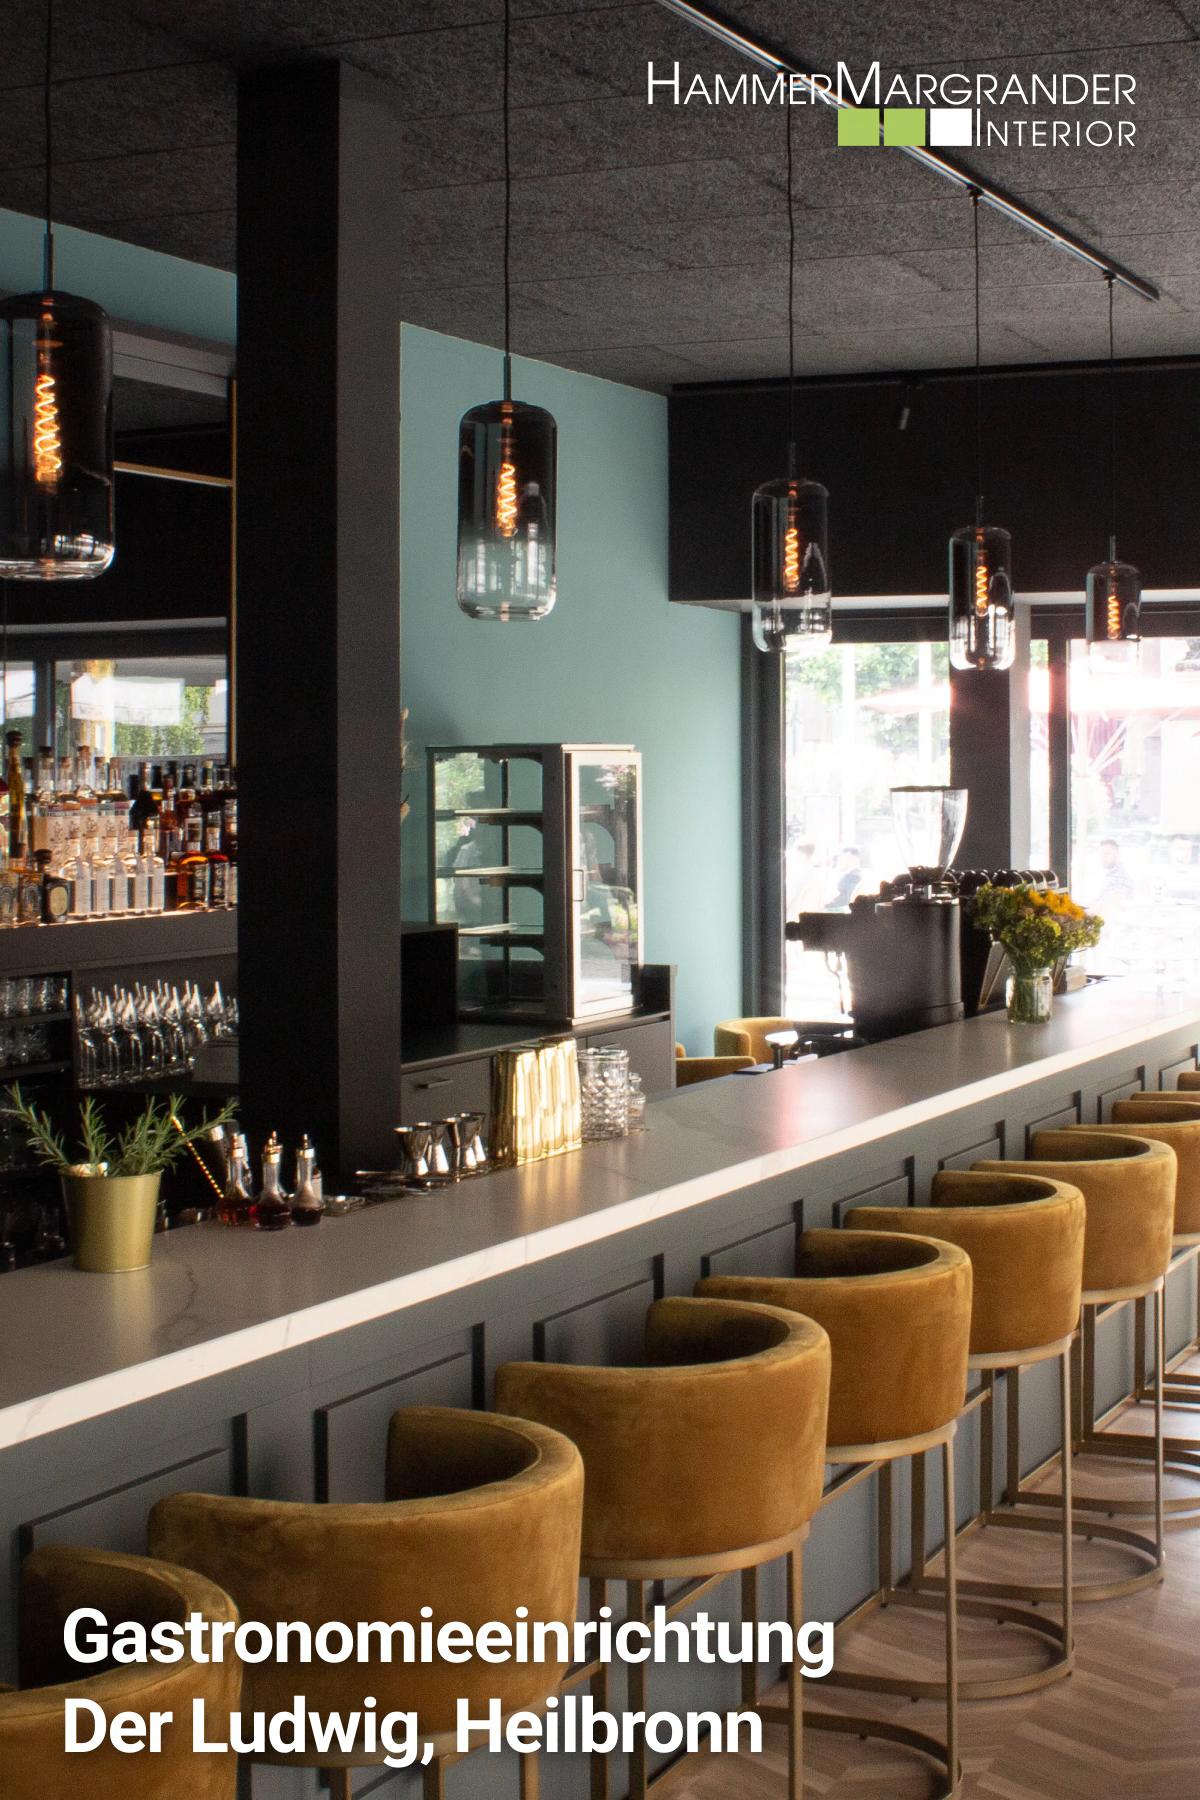 Der Ludwig Bar Cafe Heilbronn Video In 2020 Gastronomieeinrichtung Weinstuben Der Ludwig